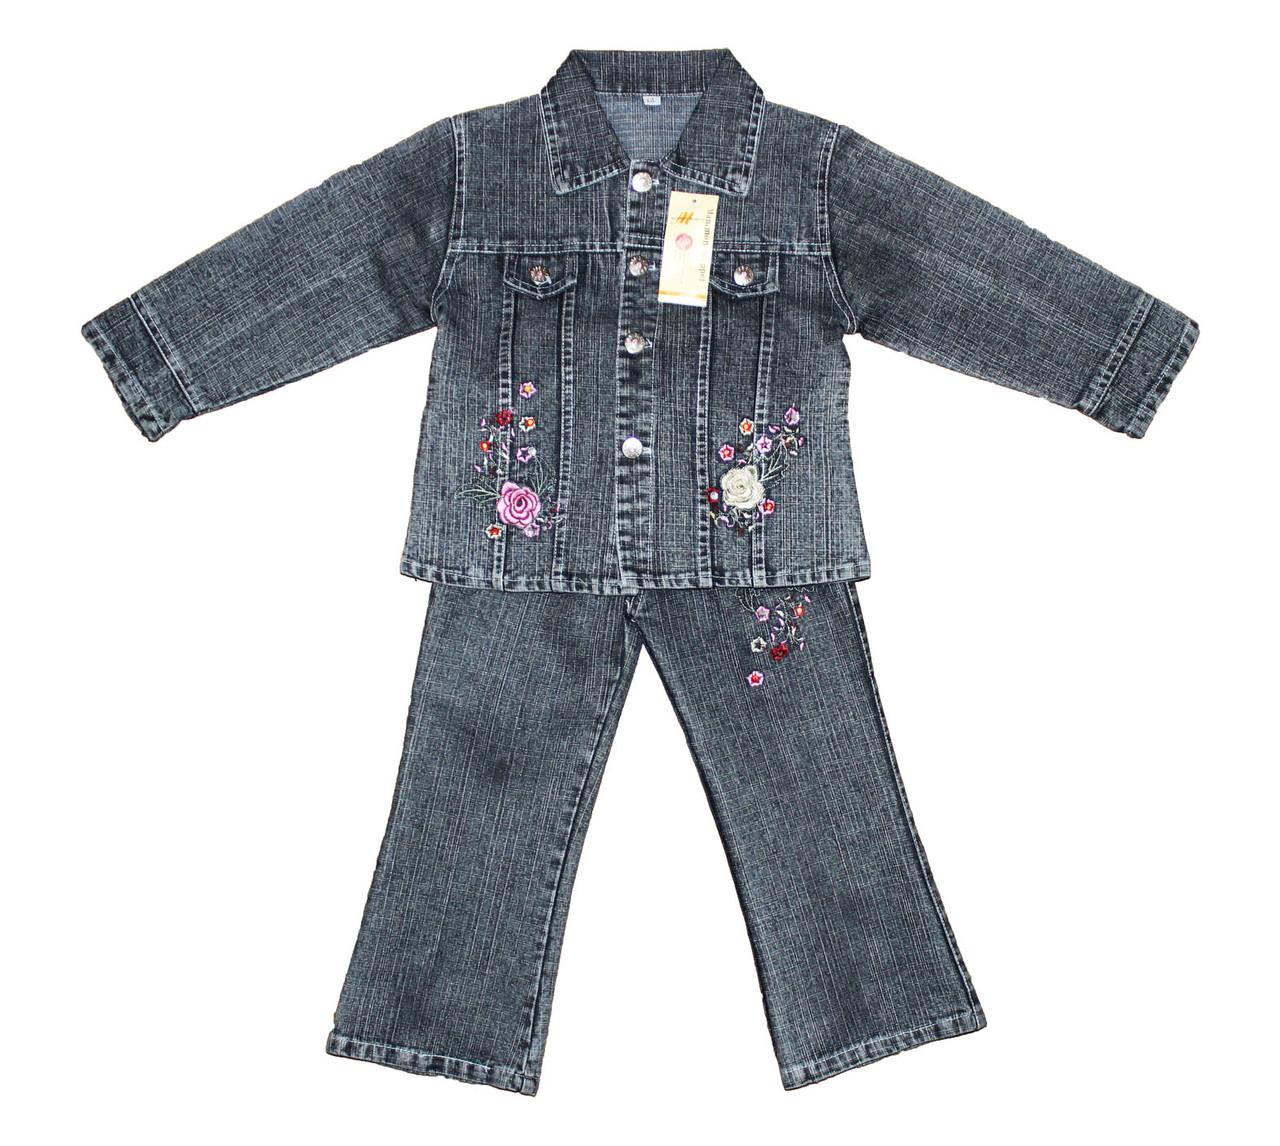 Костюм детский джинсовый для девочки. Двойка. Страз + шкільний